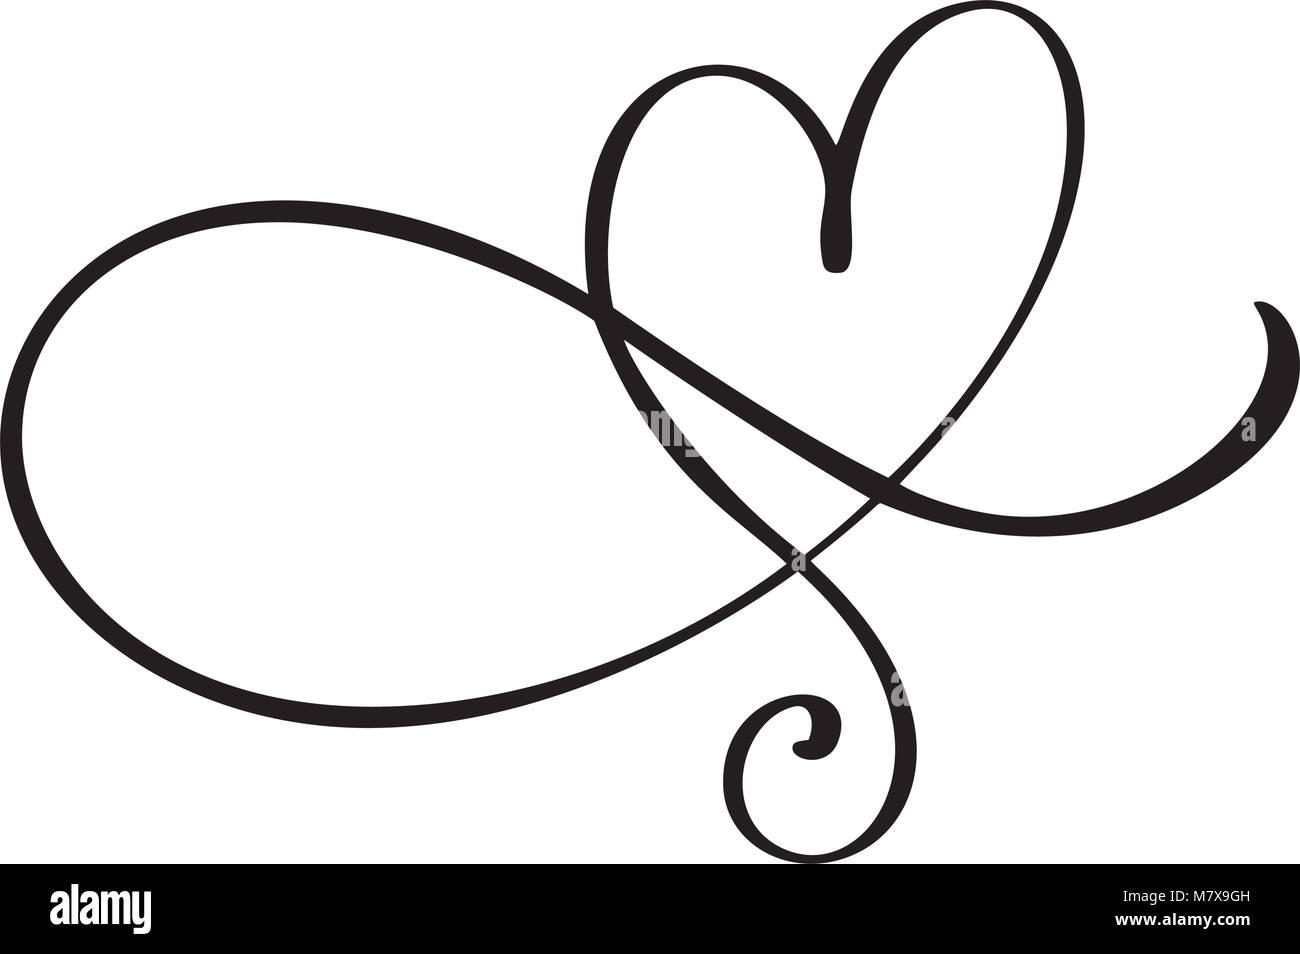 Herz Liebe Zeichen gedeihen. Romantische Symbol verknüpft, beitreten ...